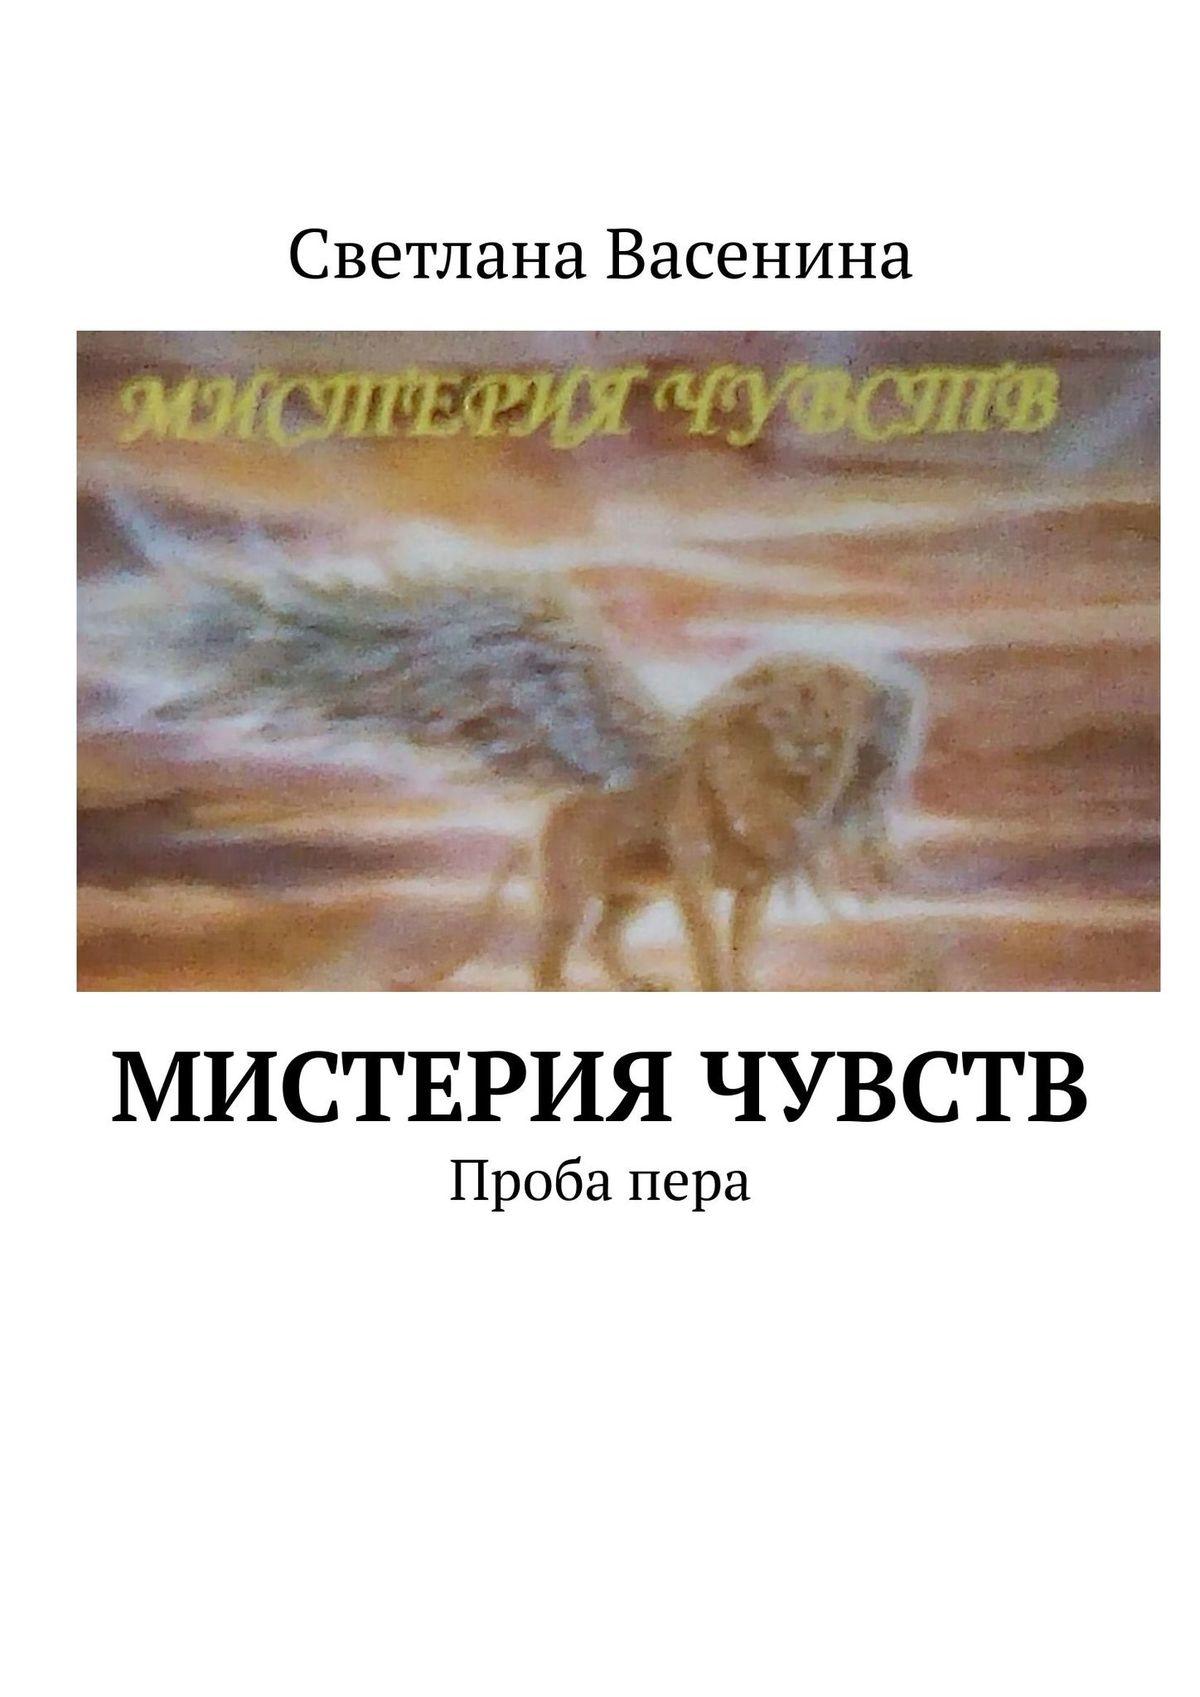 Светлана Юрьевна Васенина Мистерия чувств. Проба пера